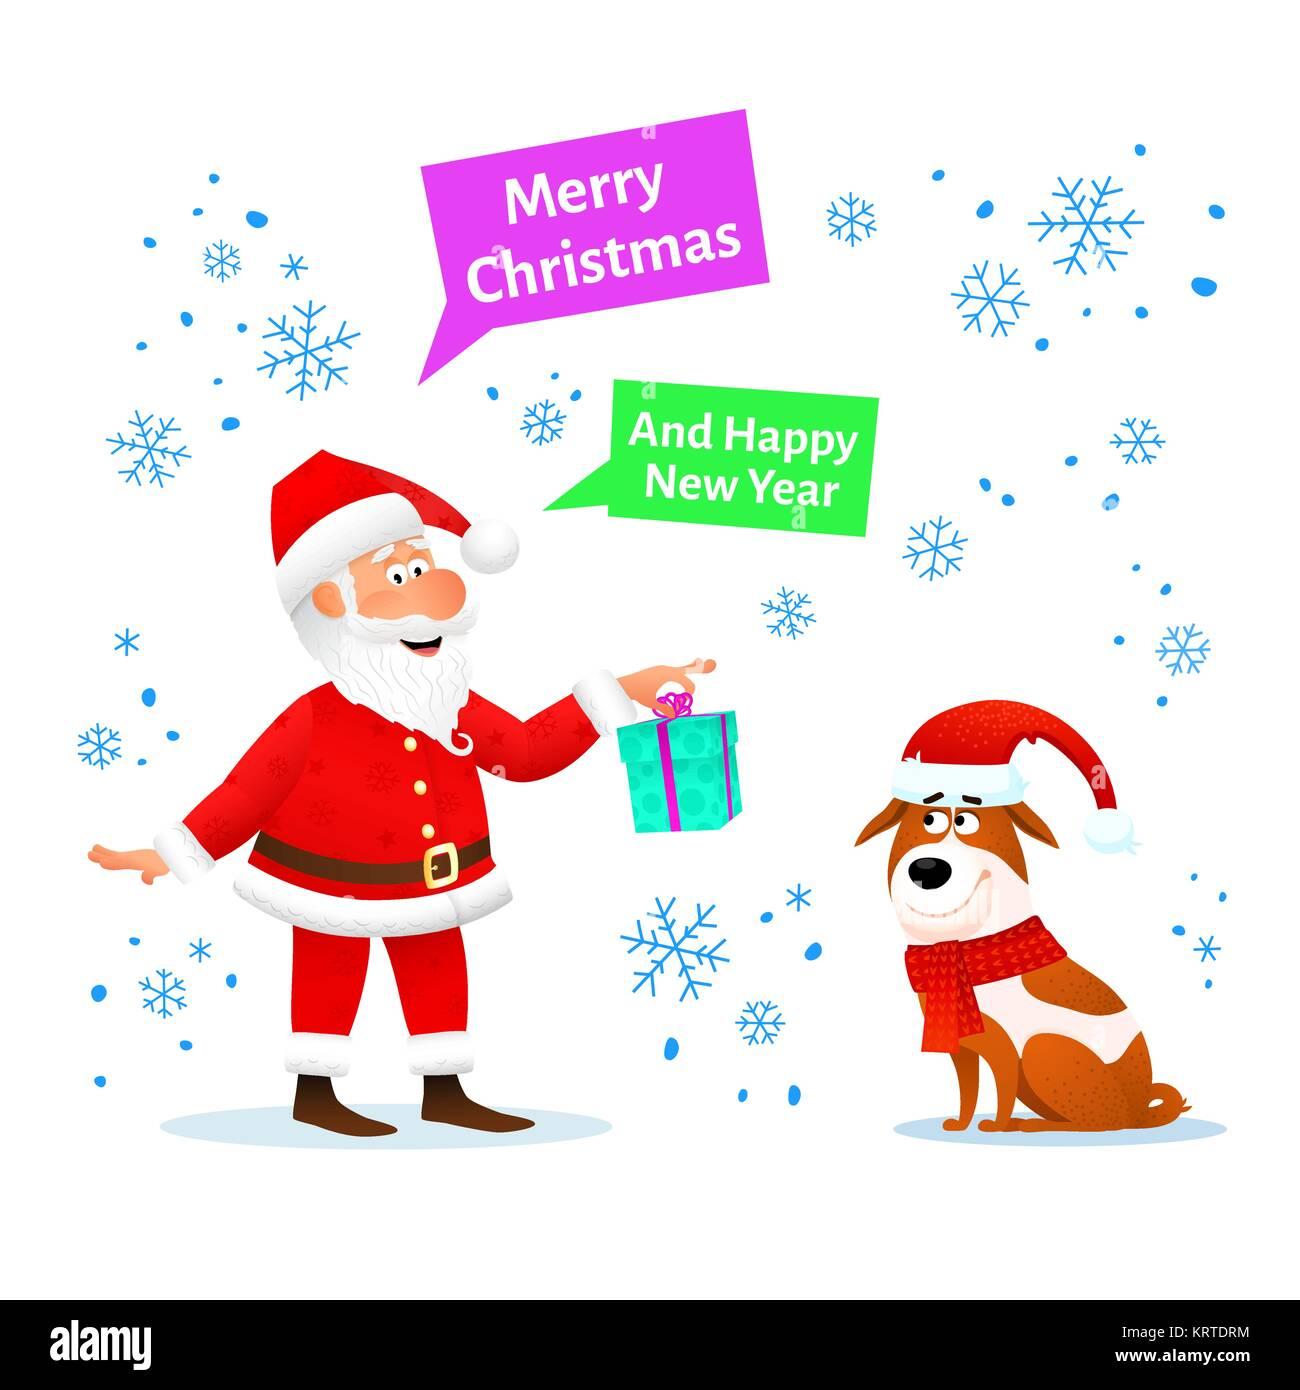 Frohe Weihnachten Karte. Lustiger Weihnachtsmann mit ...